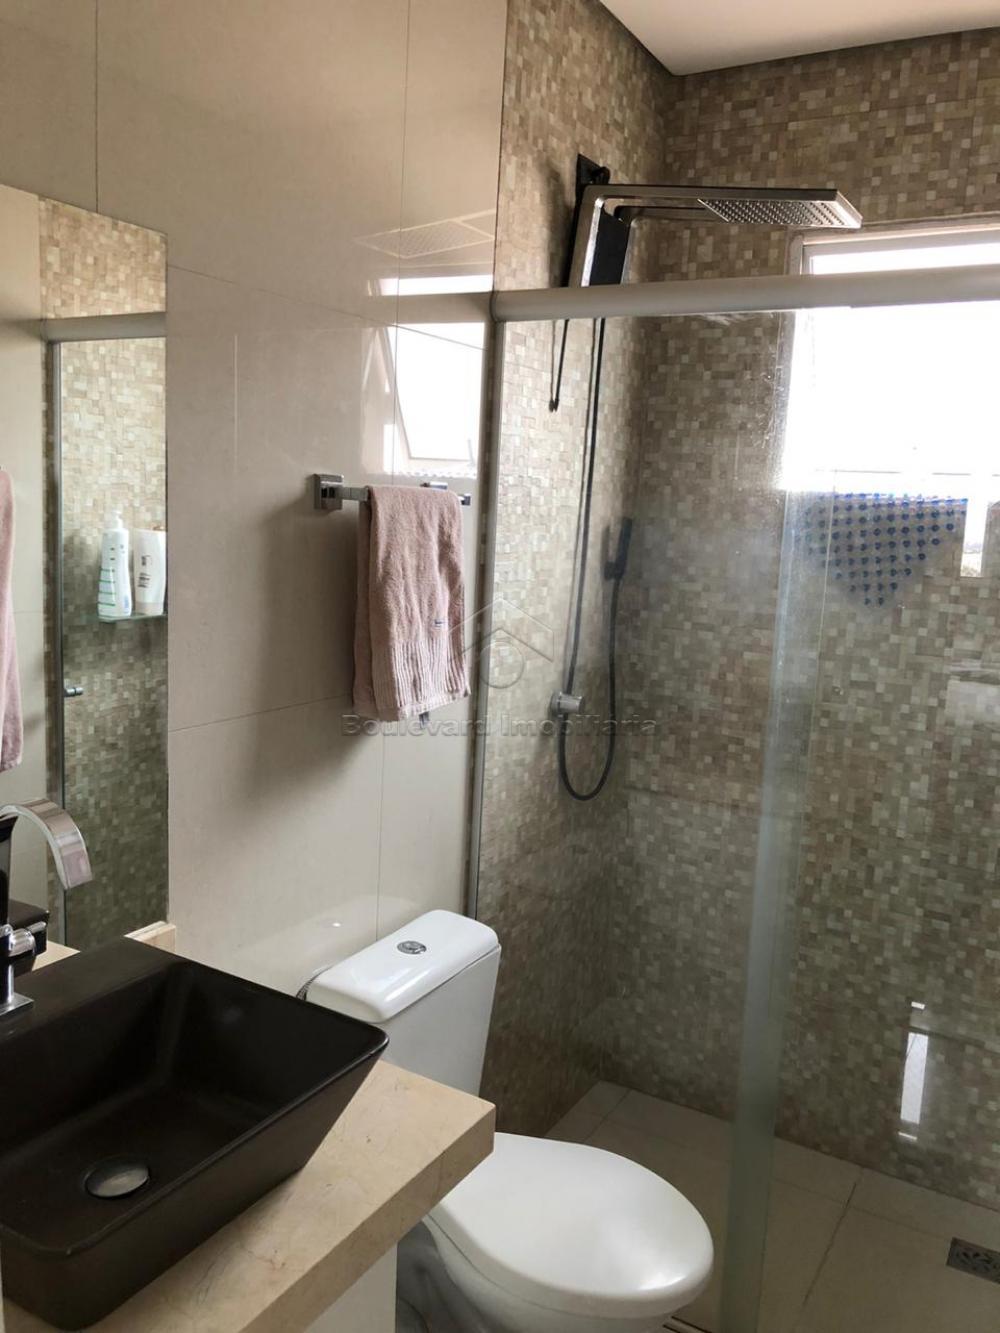 Comprar Casa / Condomínio em Ribeirão Preto apenas R$ 450.000,00 - Foto 8